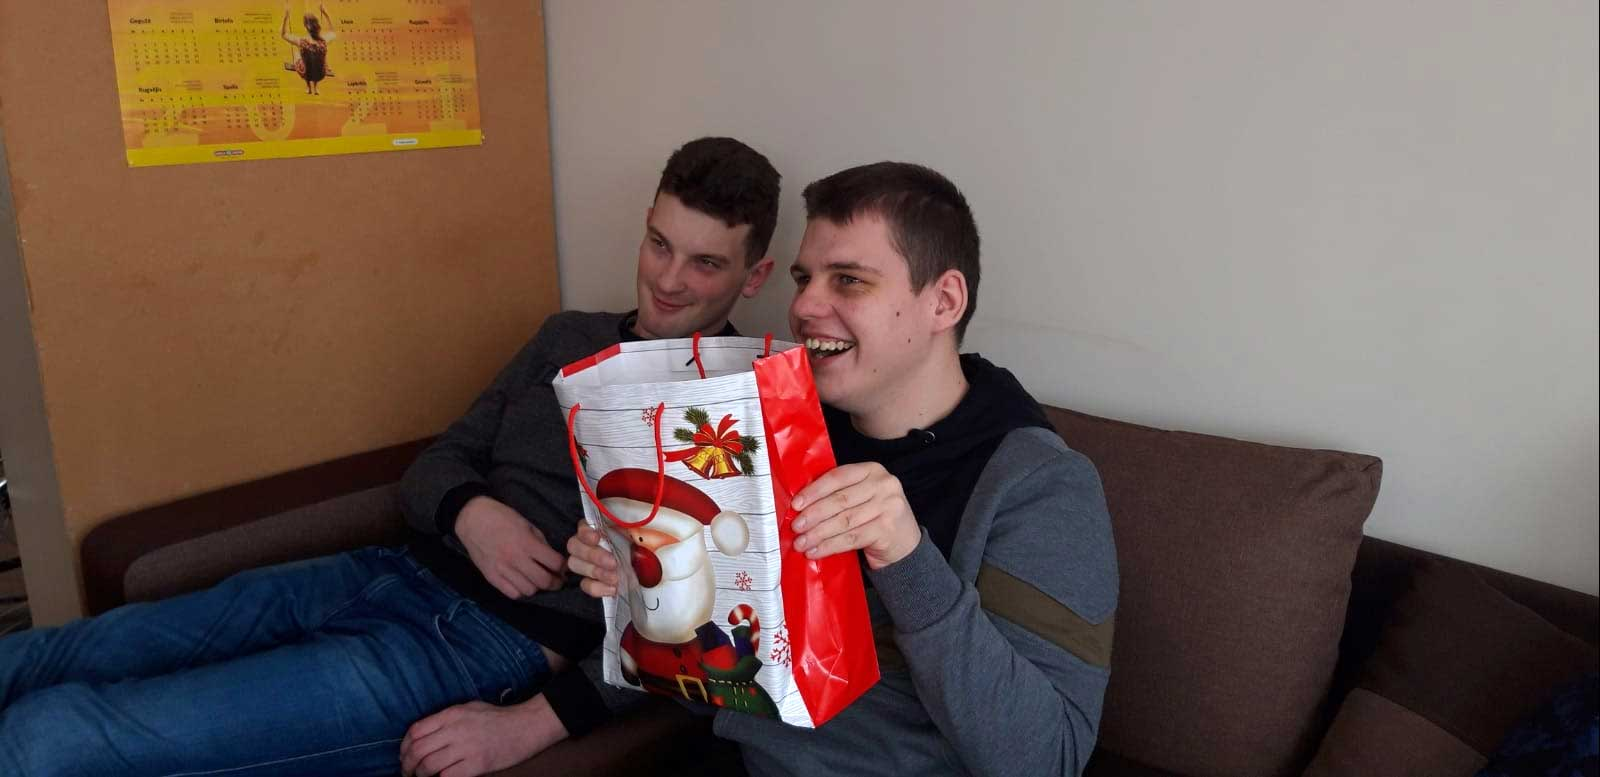 Weihnachtsfreude 2020 - zwei fröhliche Jungs auf dem Sofa beim Auspacken